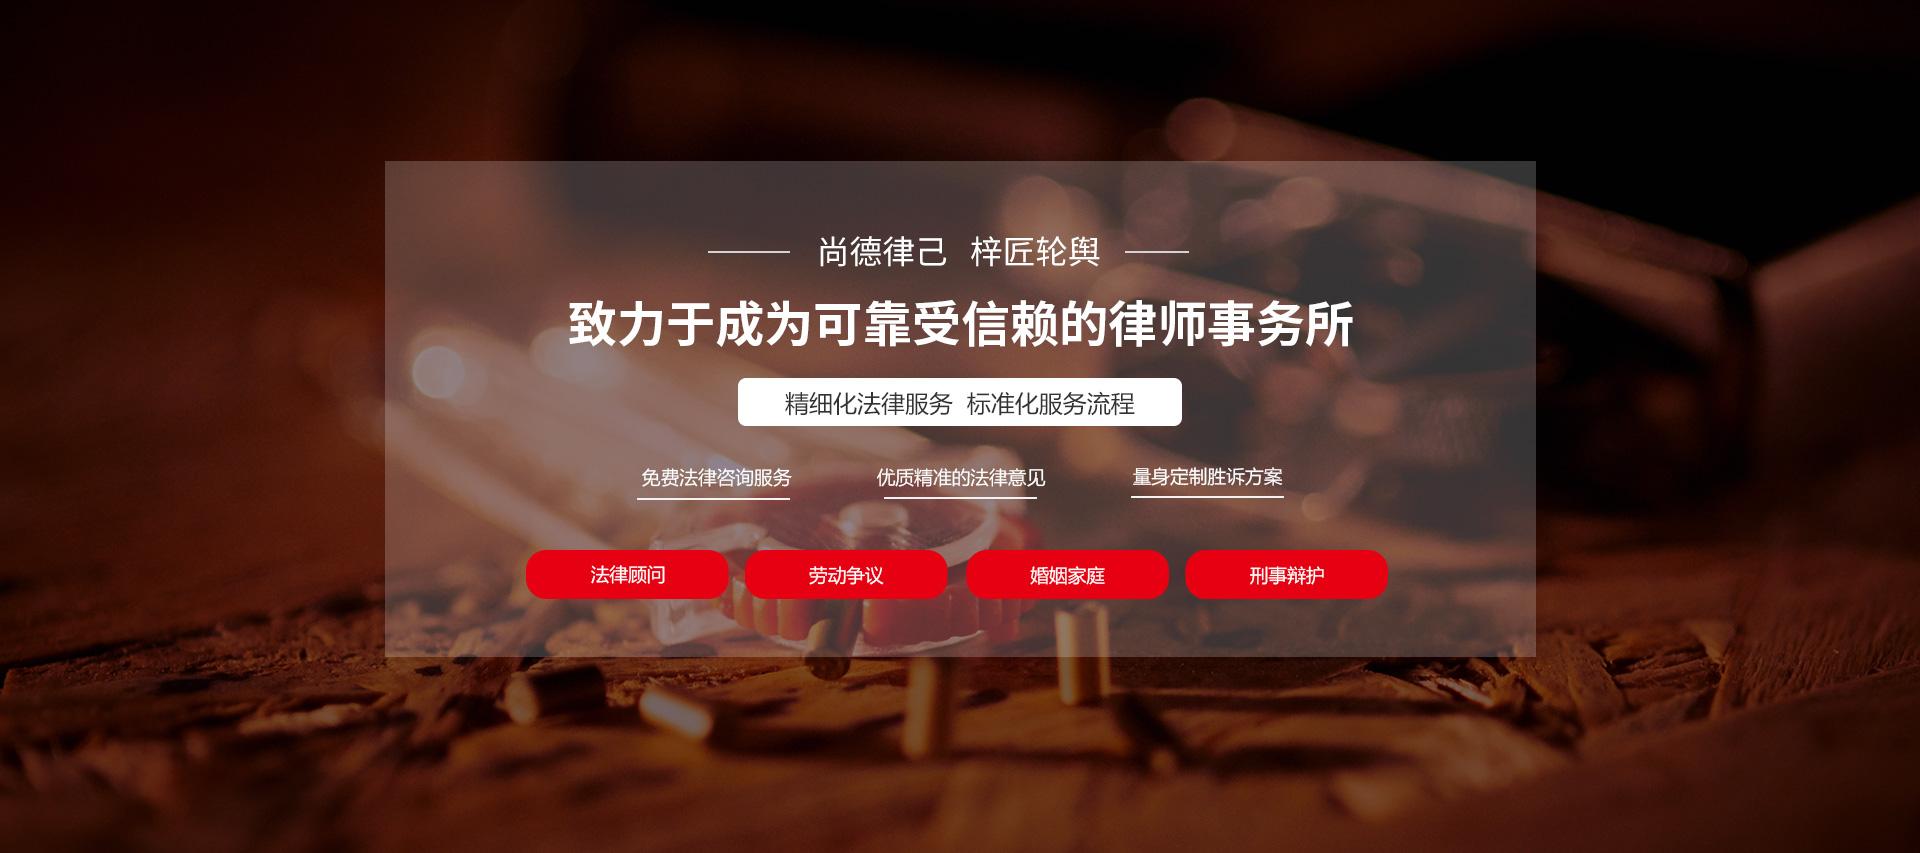 北京尚梓律师事务所